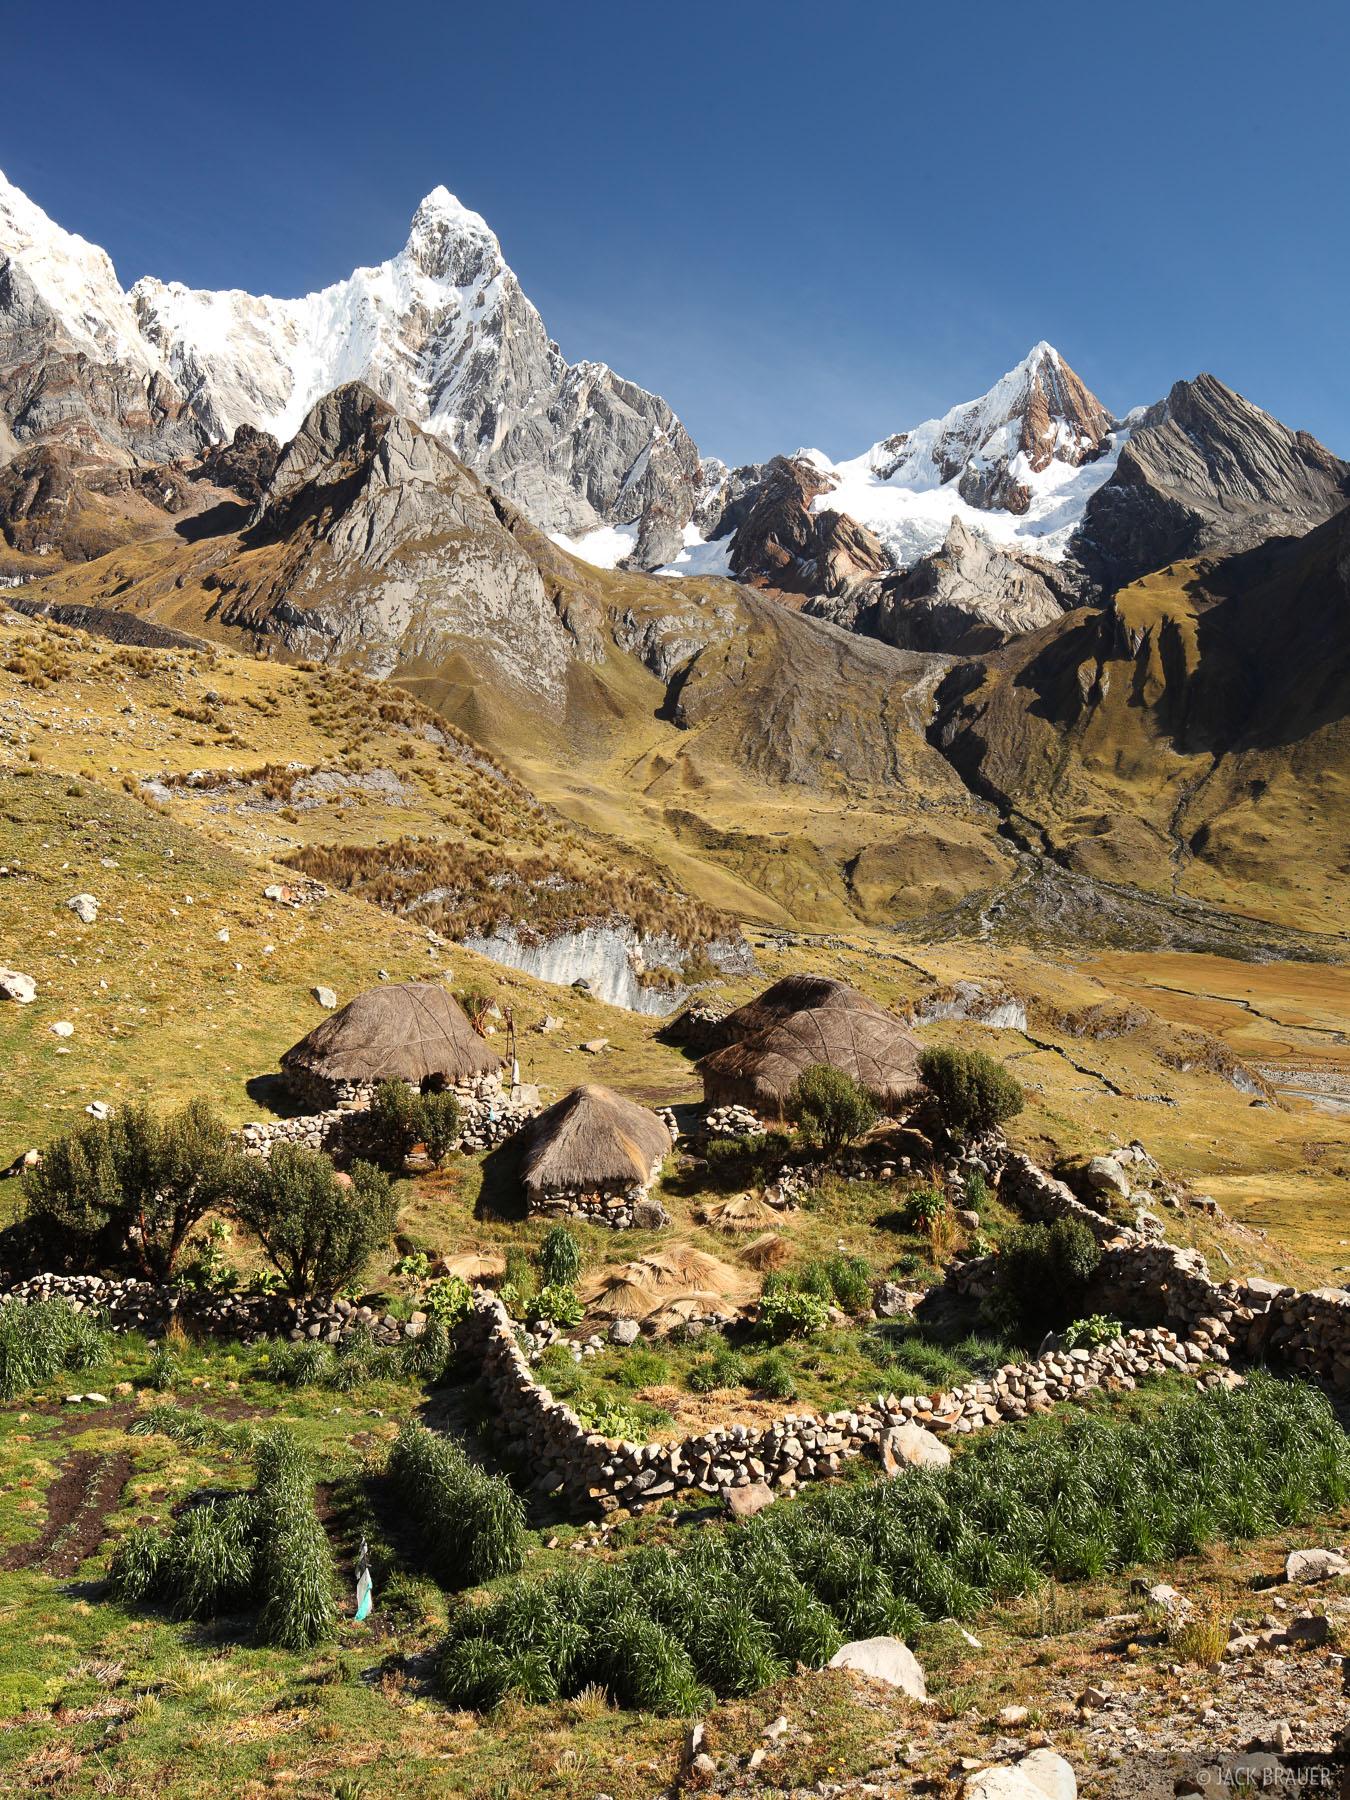 Cordillera Huayhuash, Peru, campesino, Jirishanca, photo